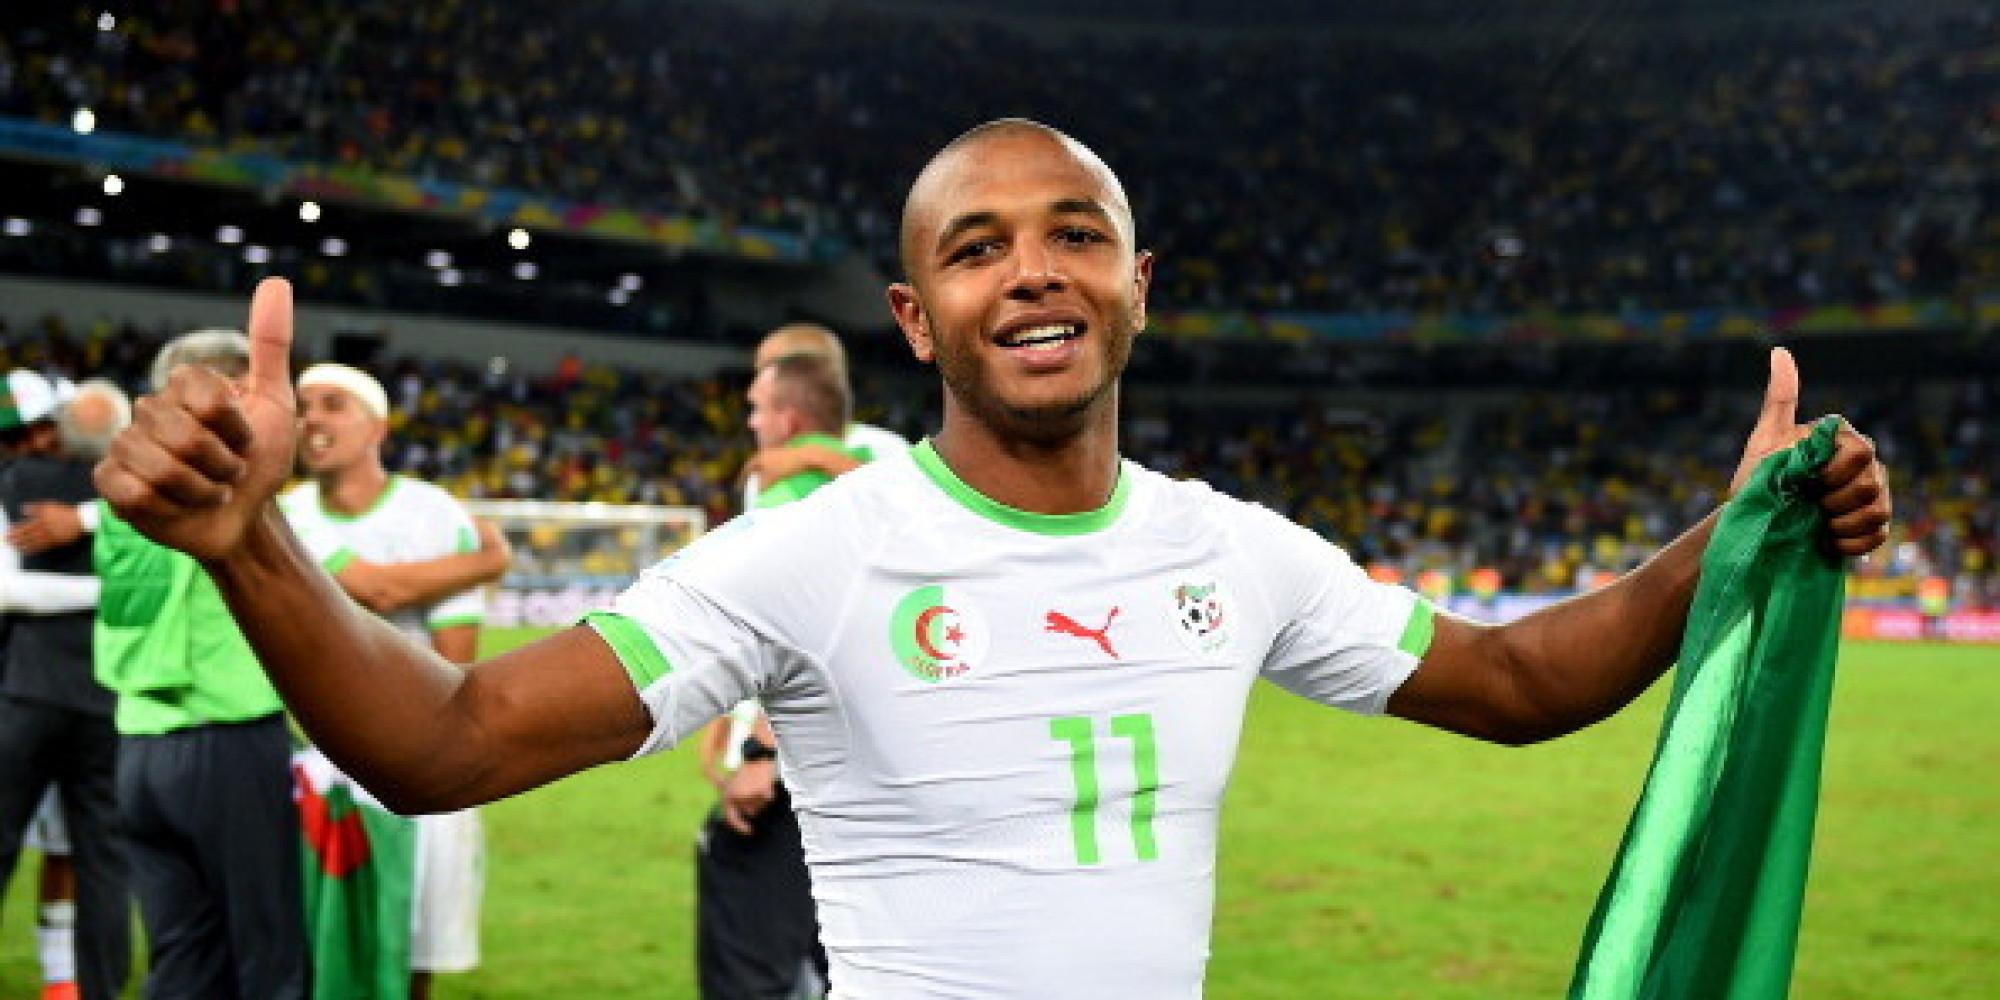 Yacine Brahimi dans le top 100 des footballeurs en 2014 selon The